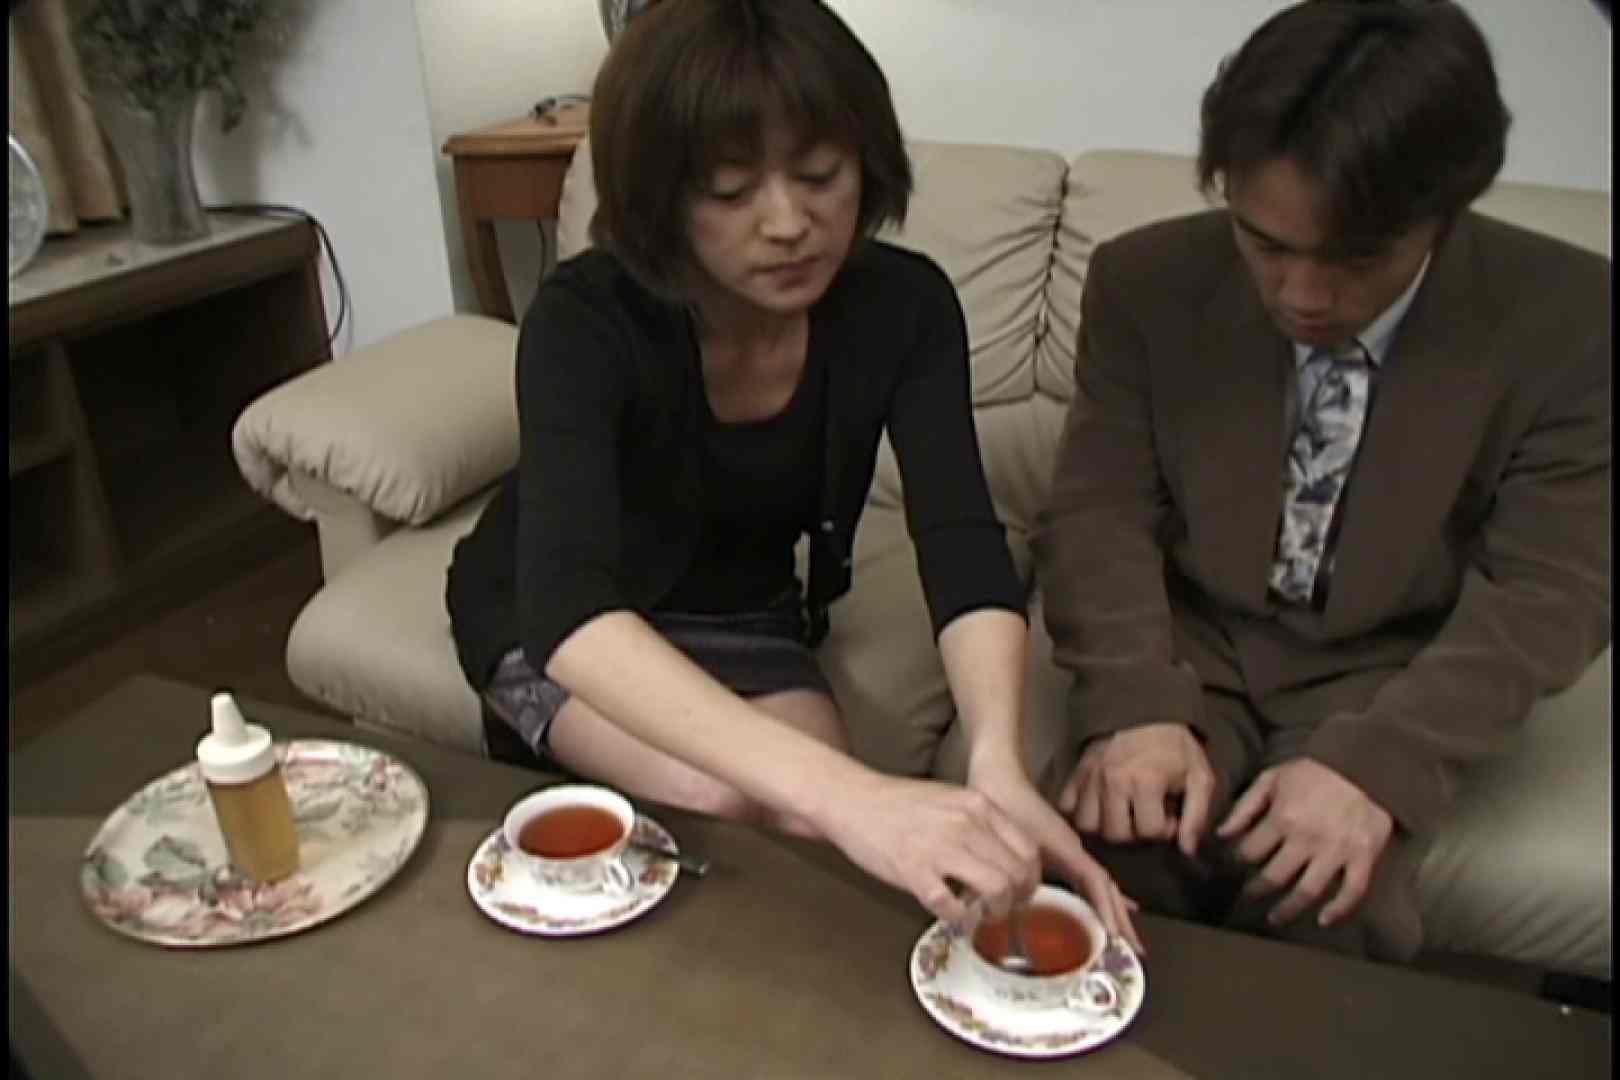 昼間の奥様は欲求不満 ~石川麻紀~ エッチな熟女  102pic 50